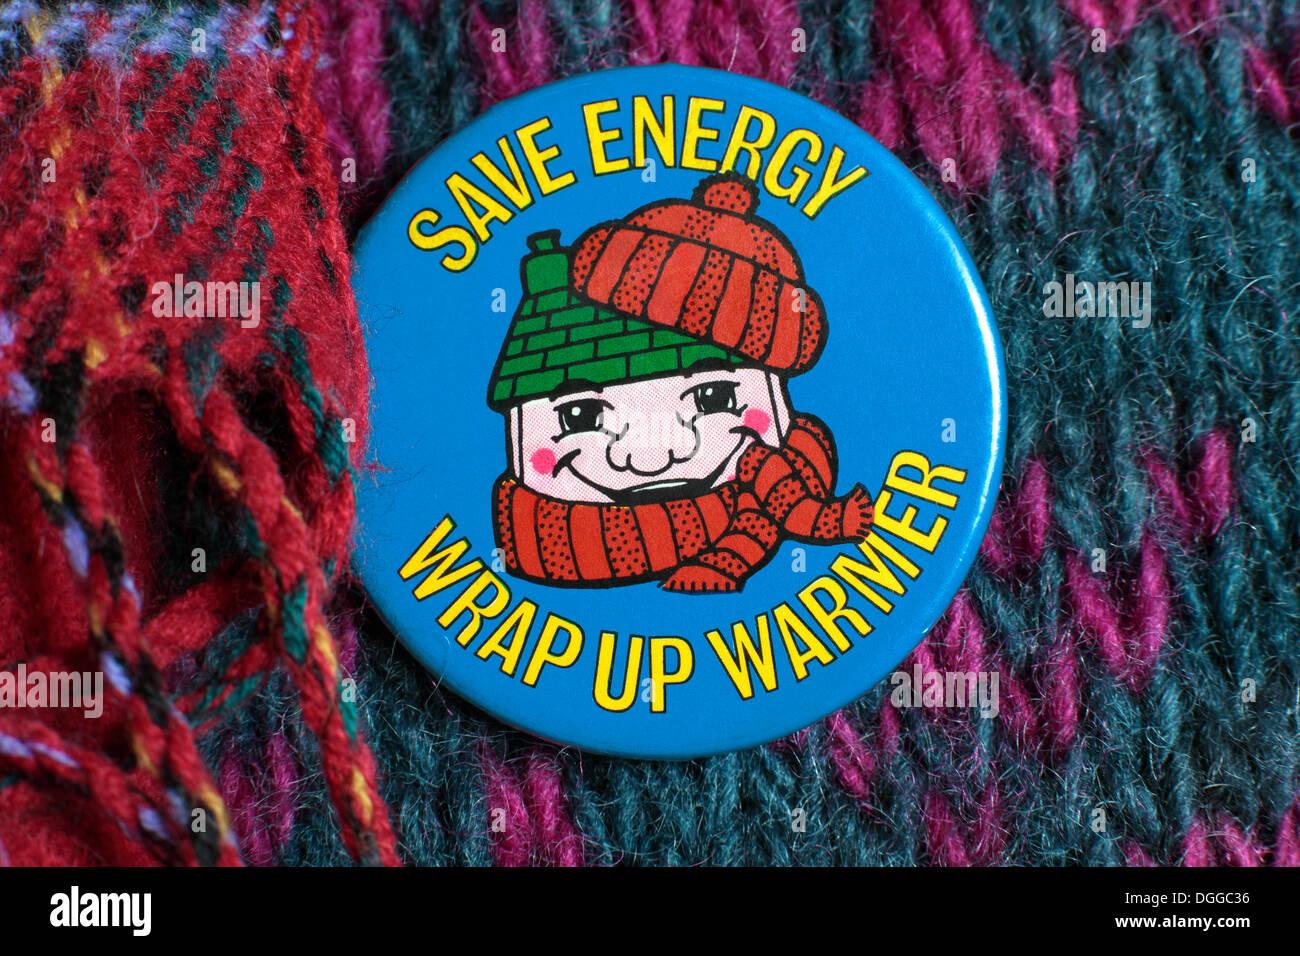 'Save Énergie - Clôturez plus chaude - la conservation de l'énergie d'un insigne à partir de 1980 environ. Plus d'infos à suivre bientôt... Photo Stock